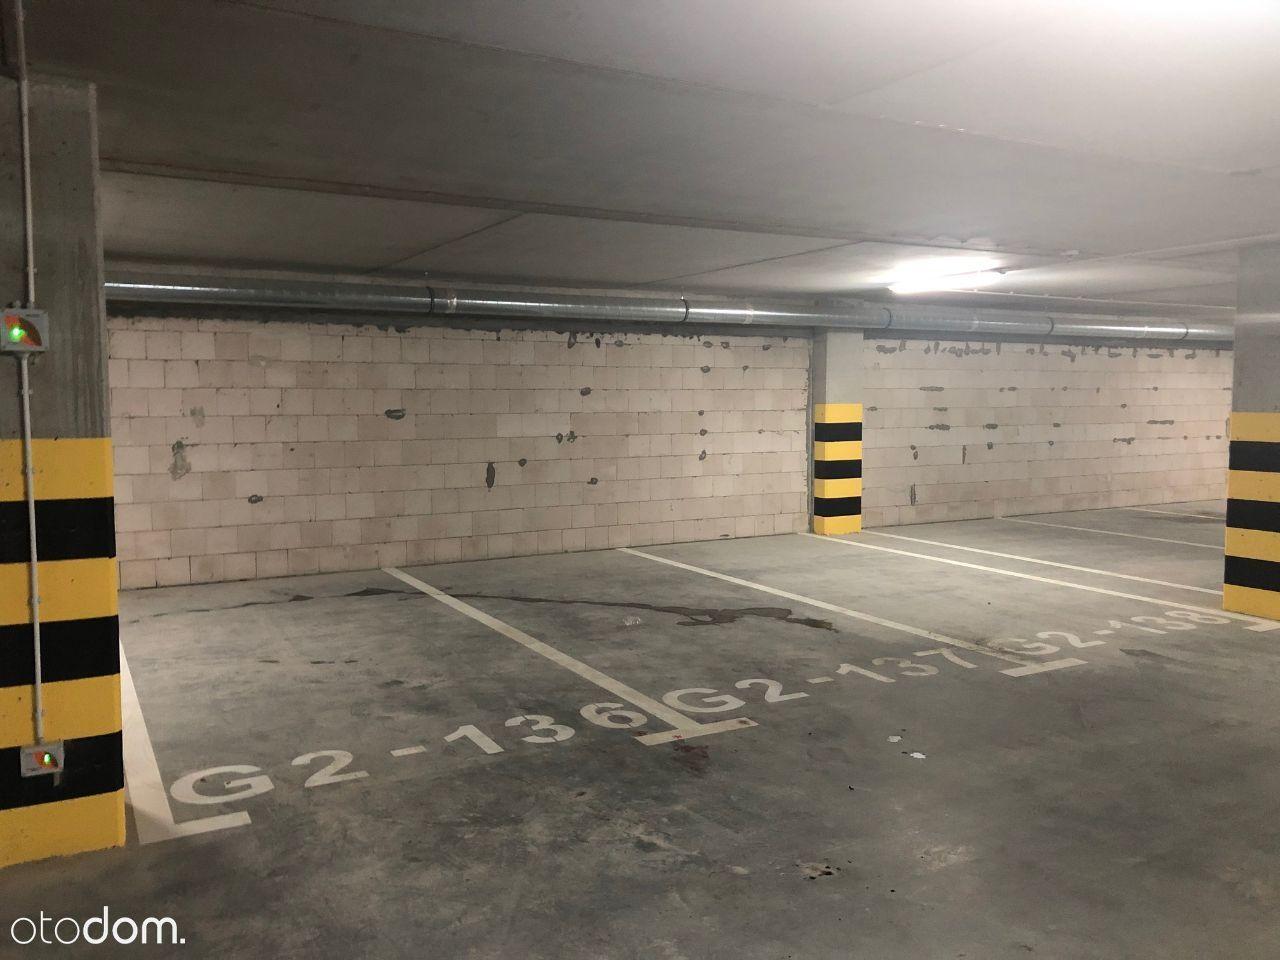 Sprzedam miejsce w hali garażowej, wybór 9 miejsc